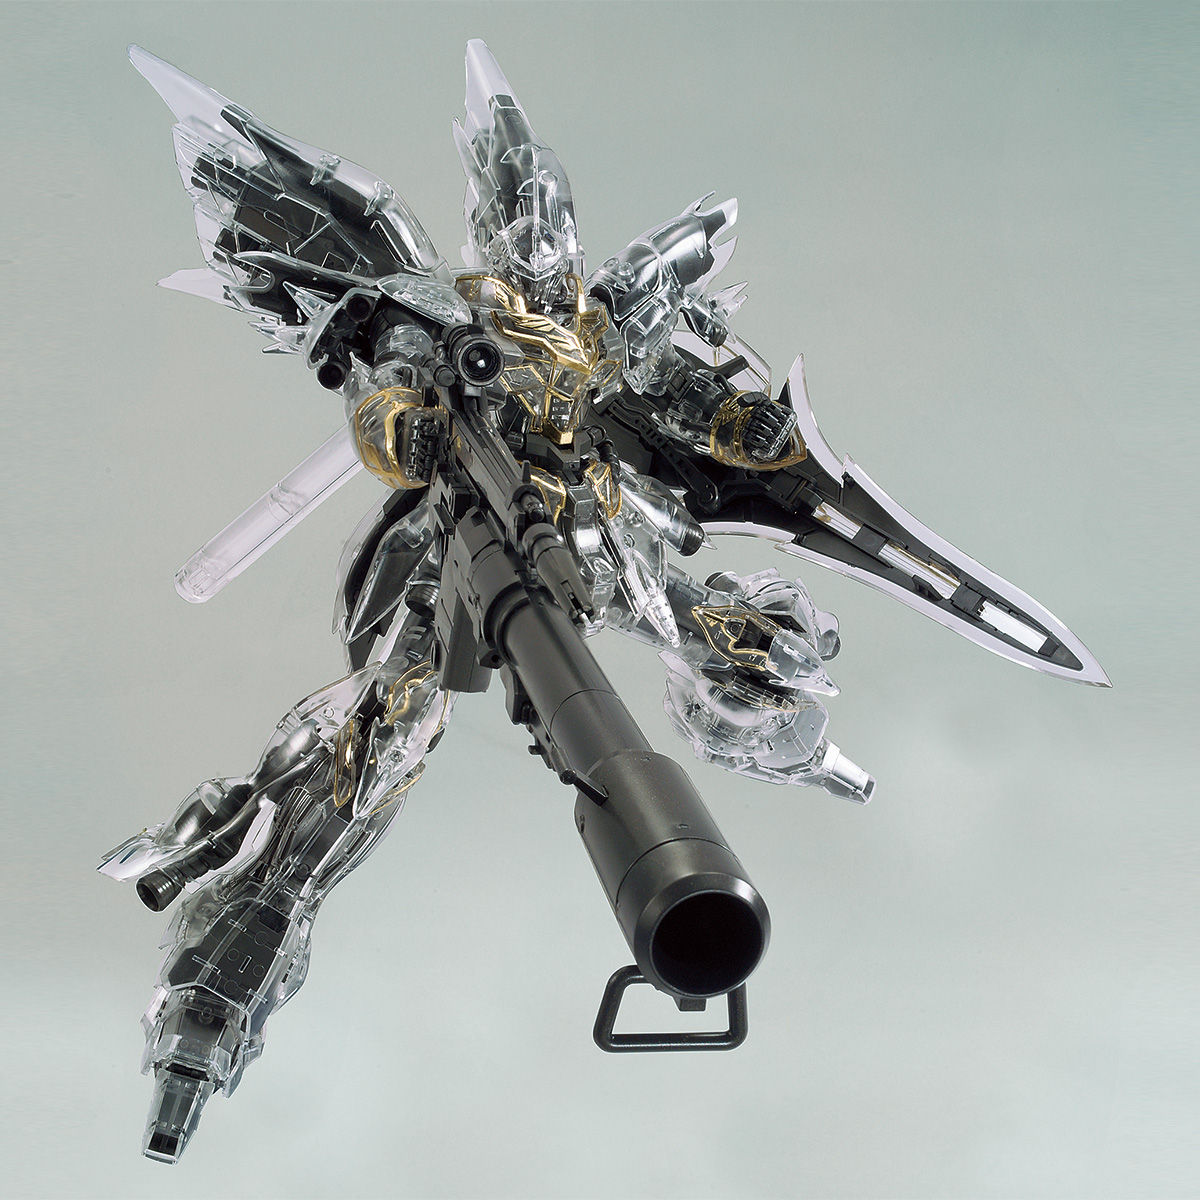 MG 1/100 ガンダムベース限定 シナンジュ[メカニカルクリア] 商品画像